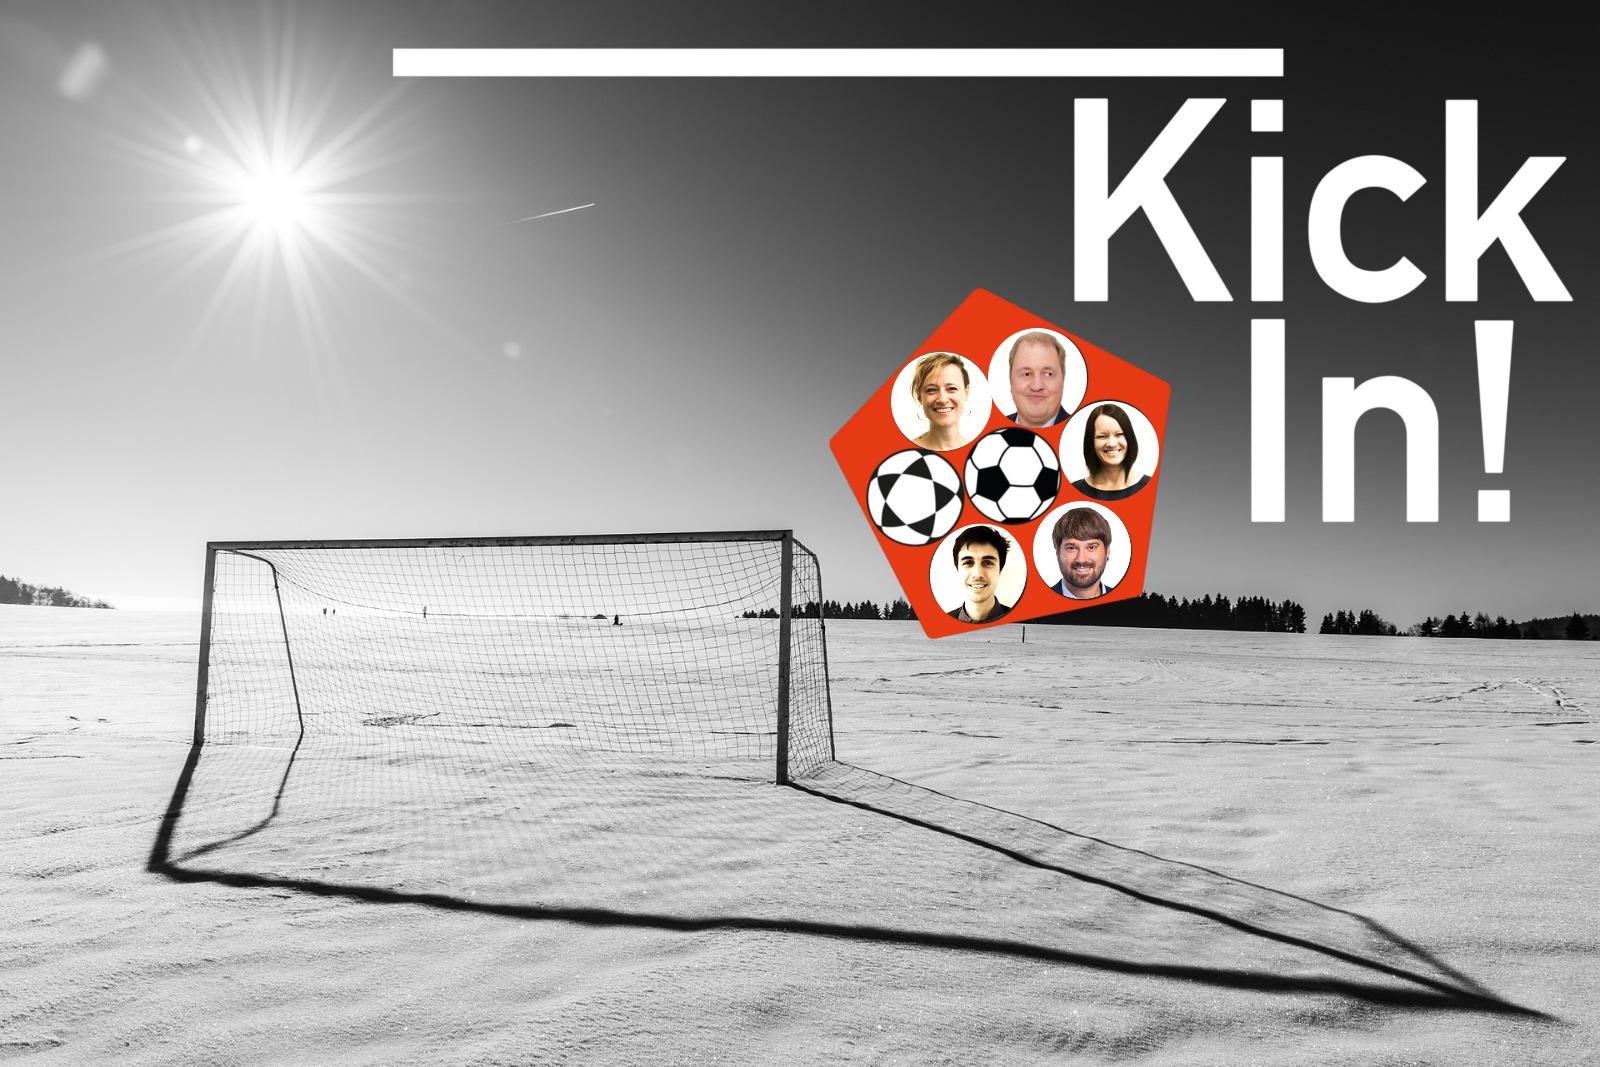 Schwarz-weißes Bild von einem Fußballtor im Sonnenschein auf einem schneebedeckten Spielfeld.